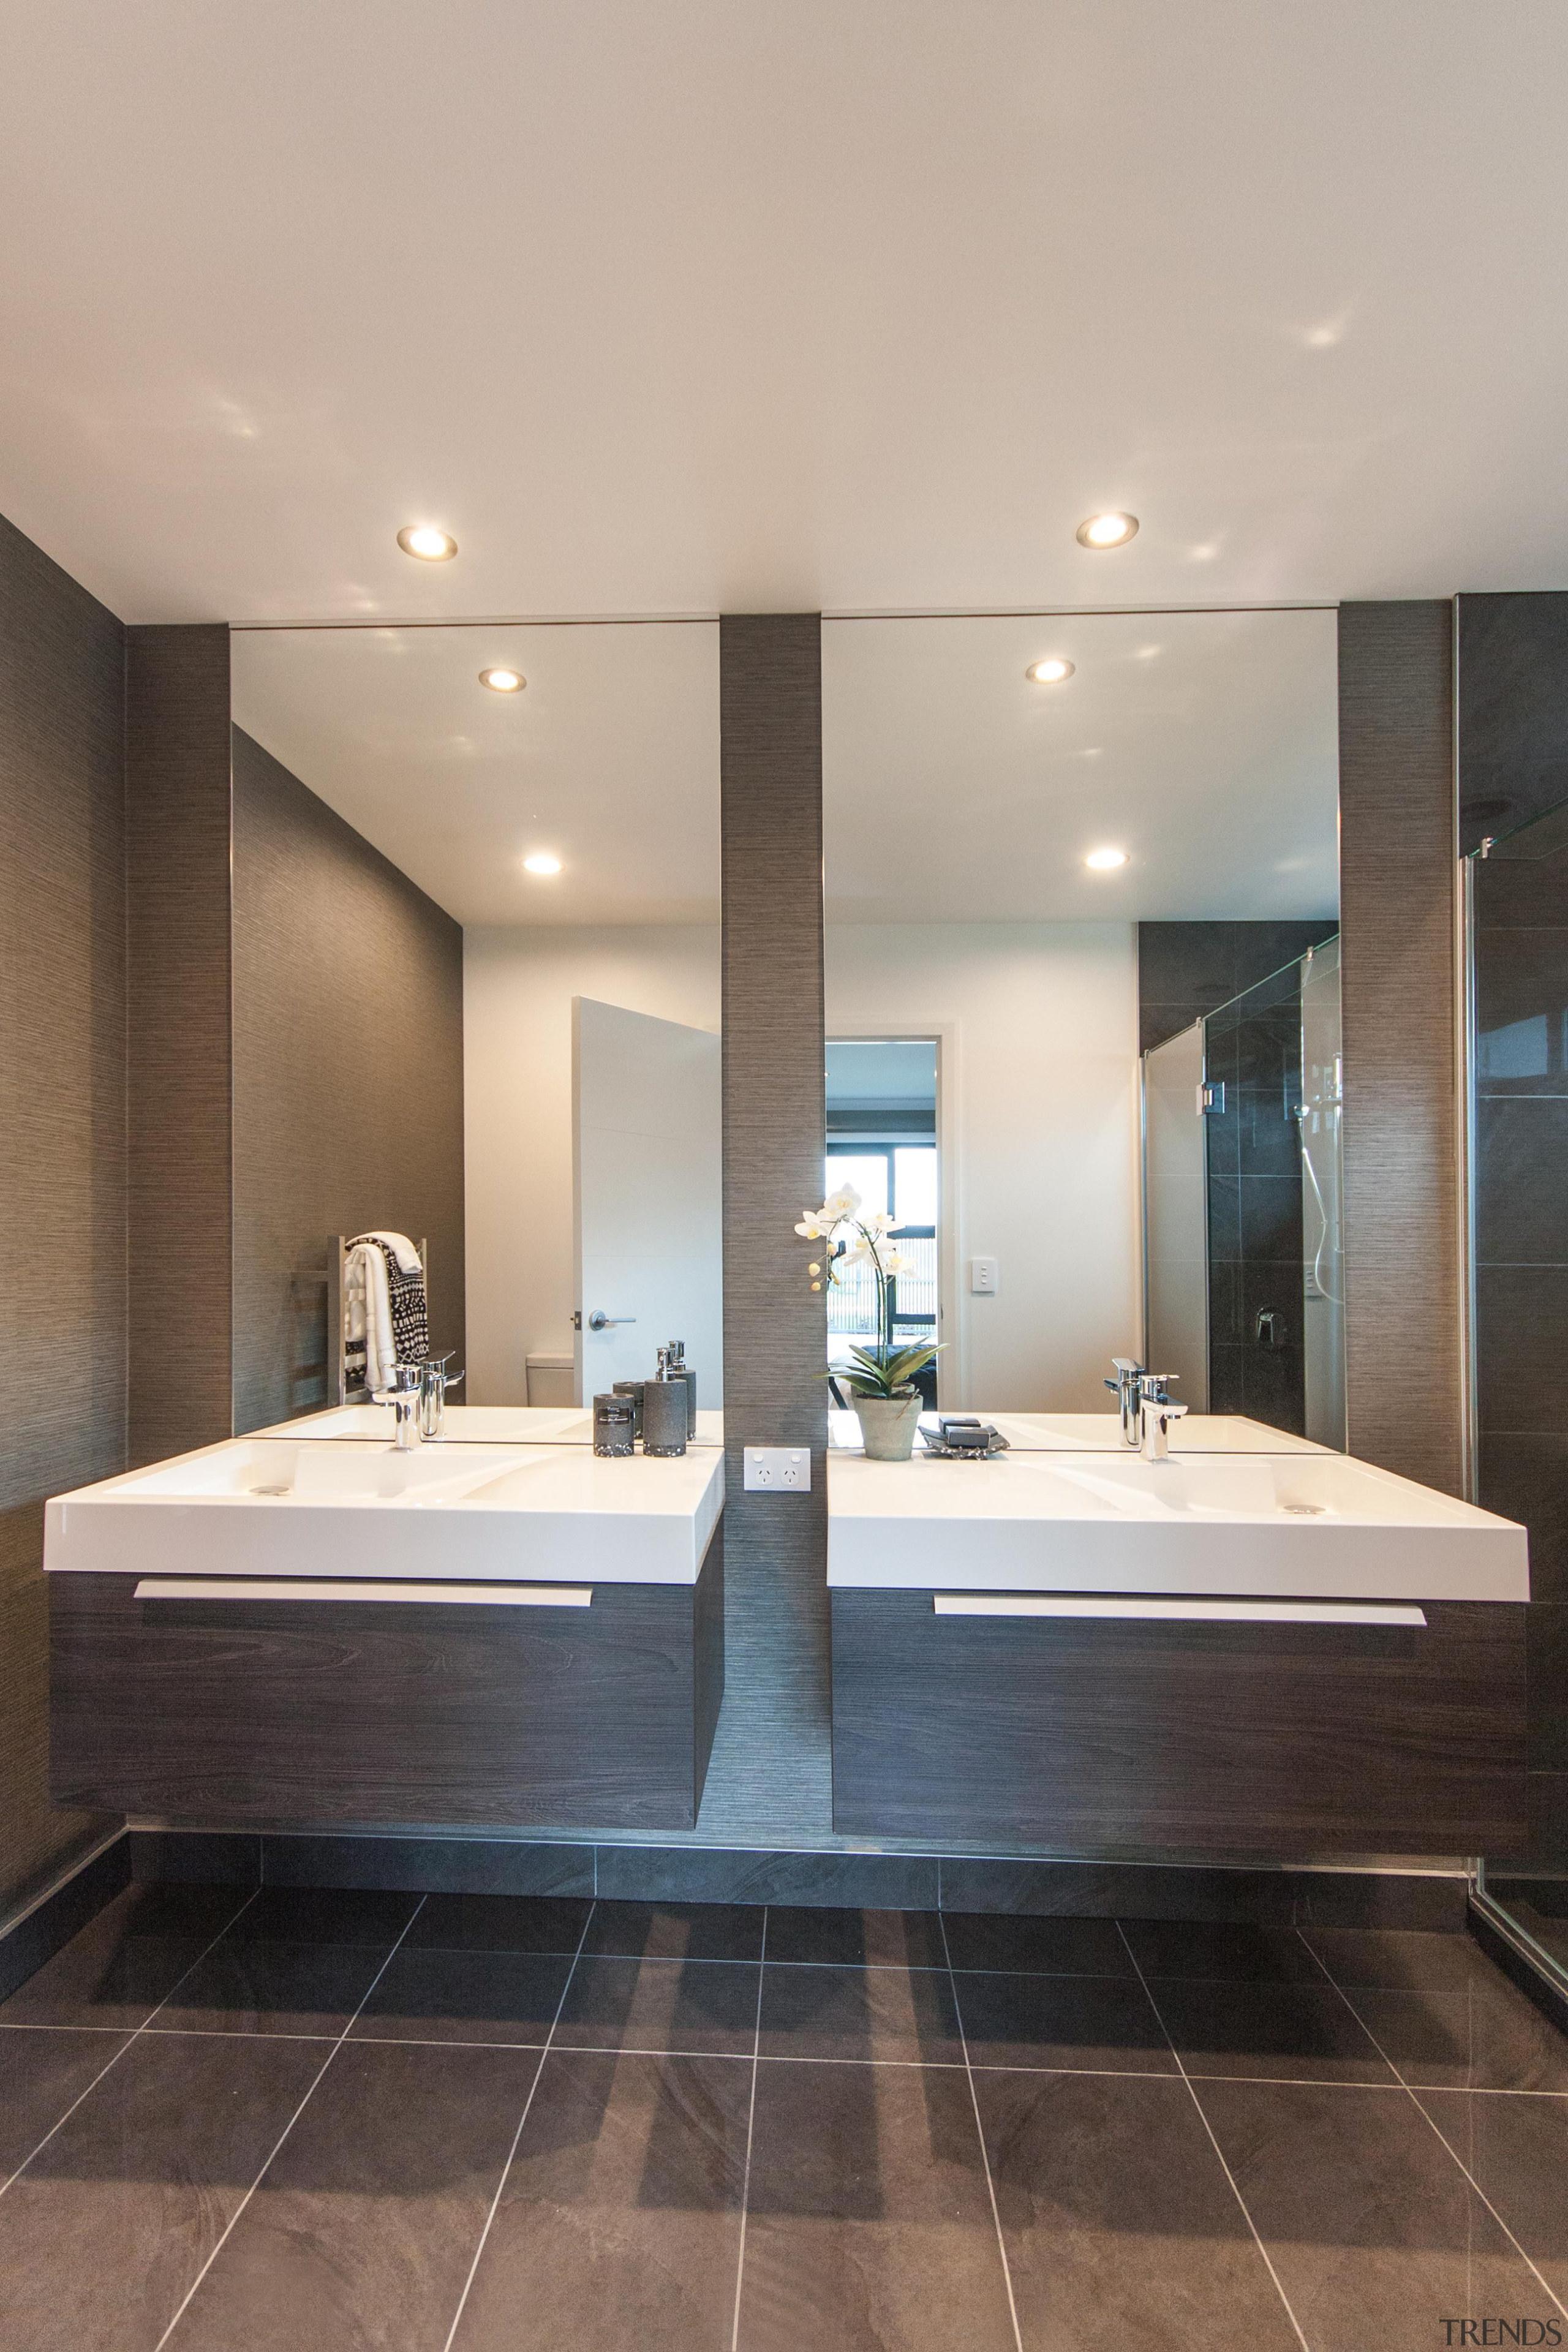 gjgardner4347.jpg - gjgardner4347.jpg - architecture | bathroom | architecture, bathroom, ceiling, floor, flooring, interior design, room, sink, tile, gray